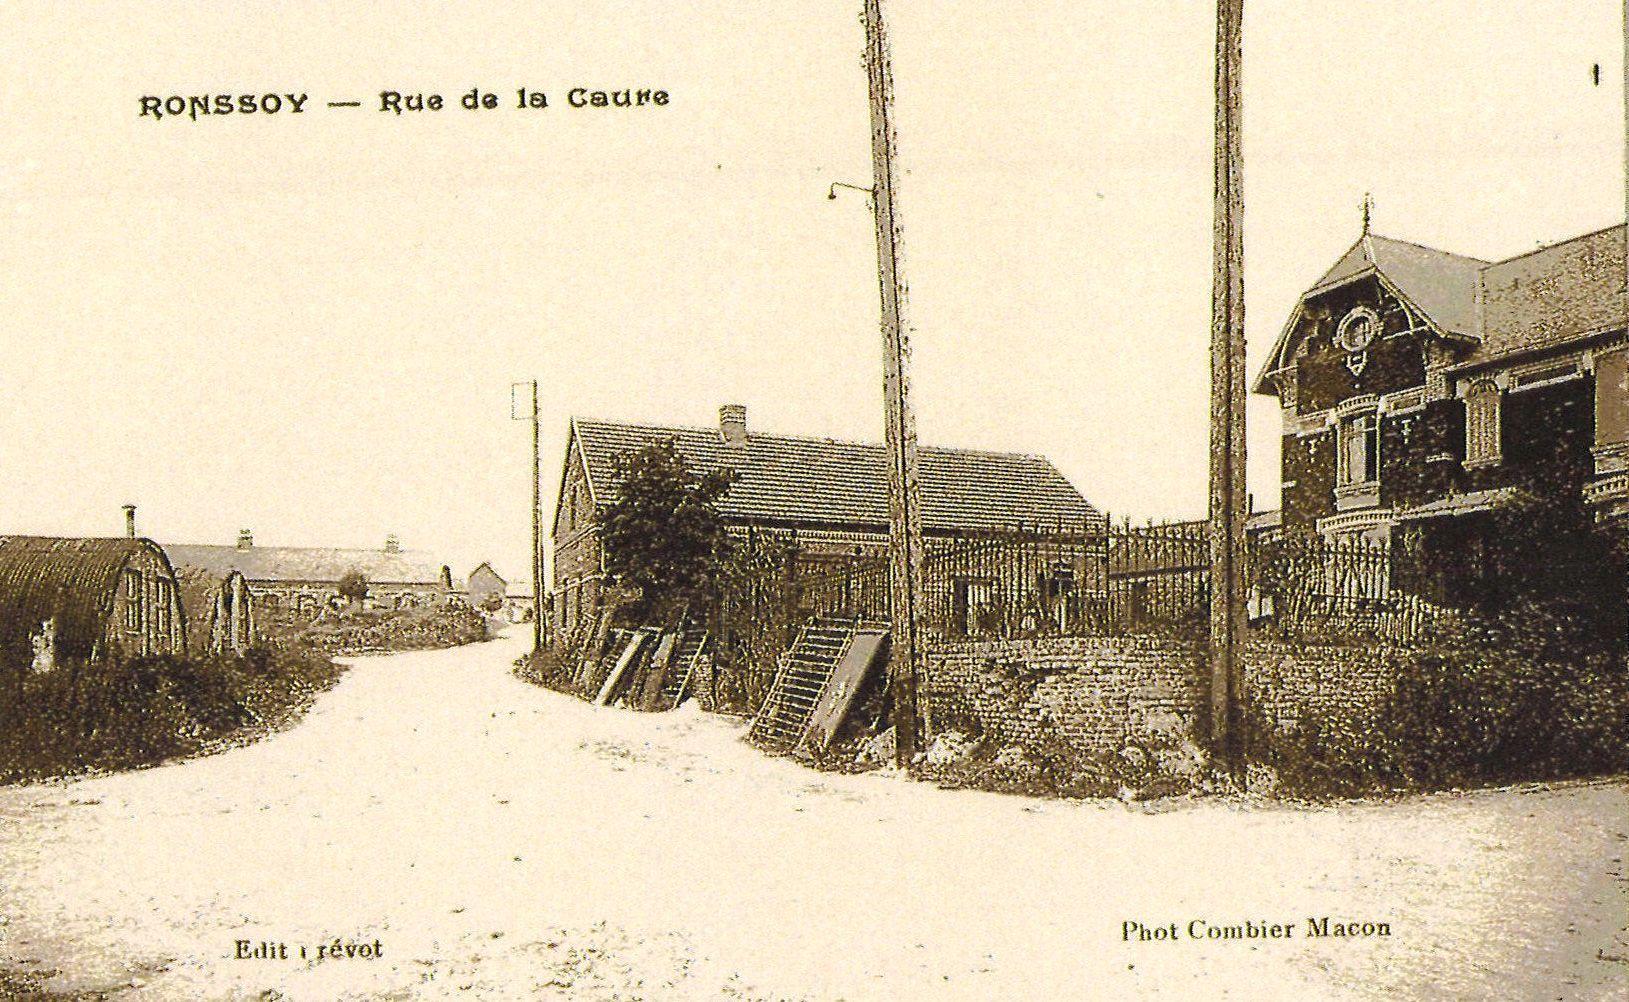 Rue de la Caure